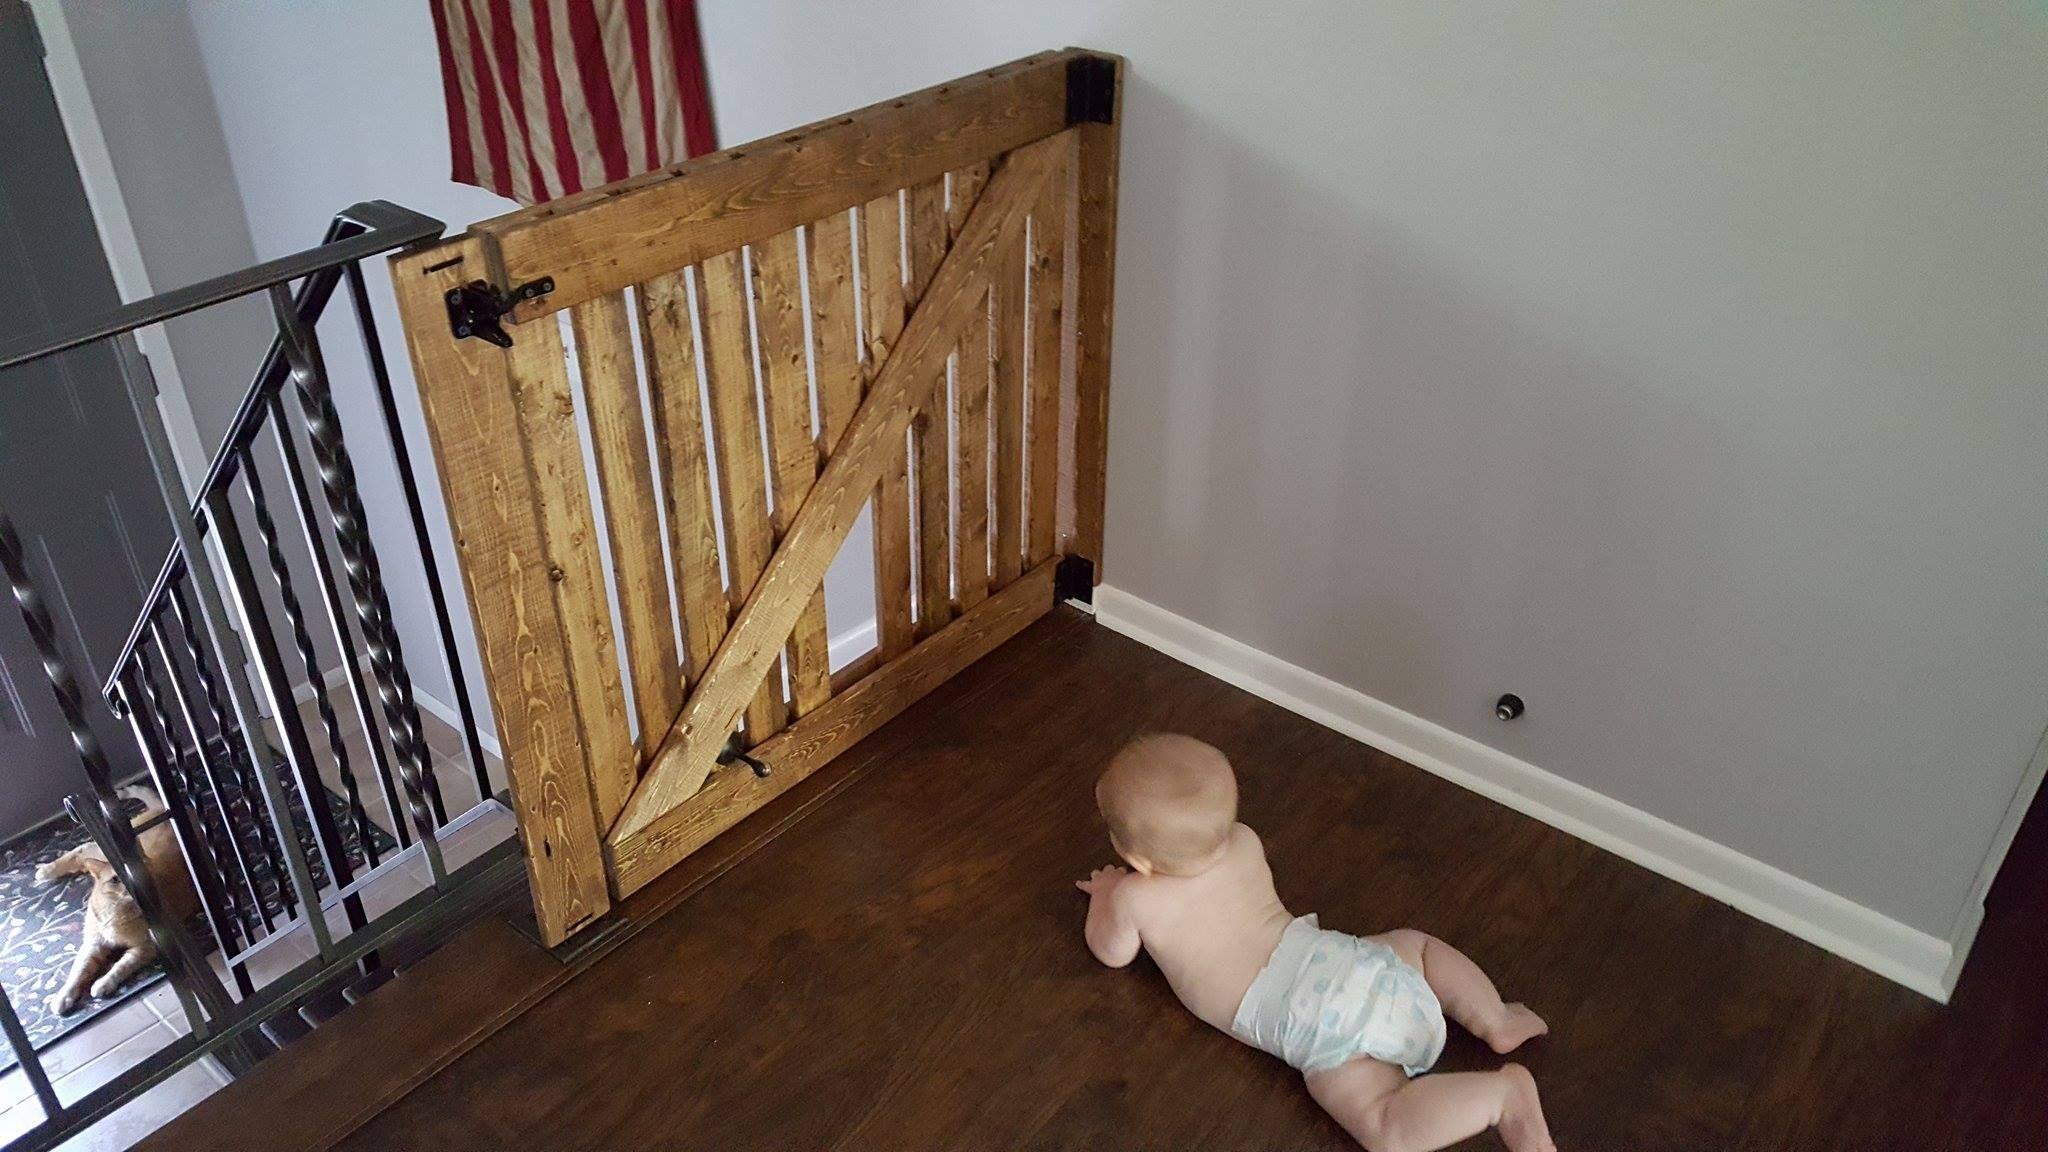 Diy Barn Door Baby Gate With Pet Door Instructions Diy Baby Gate Cat Door Diy Barn Door Baby Gate